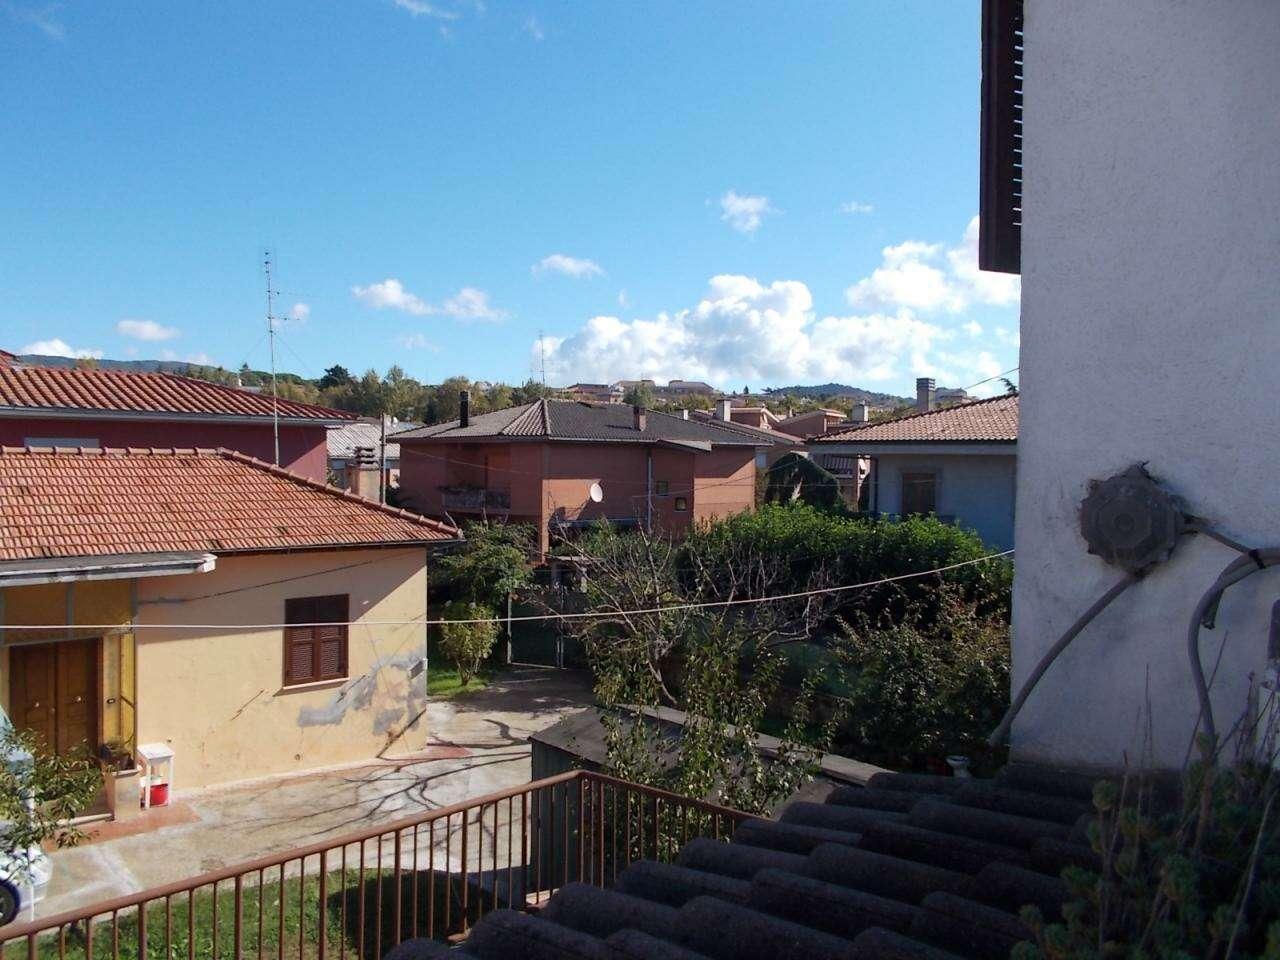 Appartamento in vendita a genzano di roma via achille for Grandi planimetrie dell appartamento